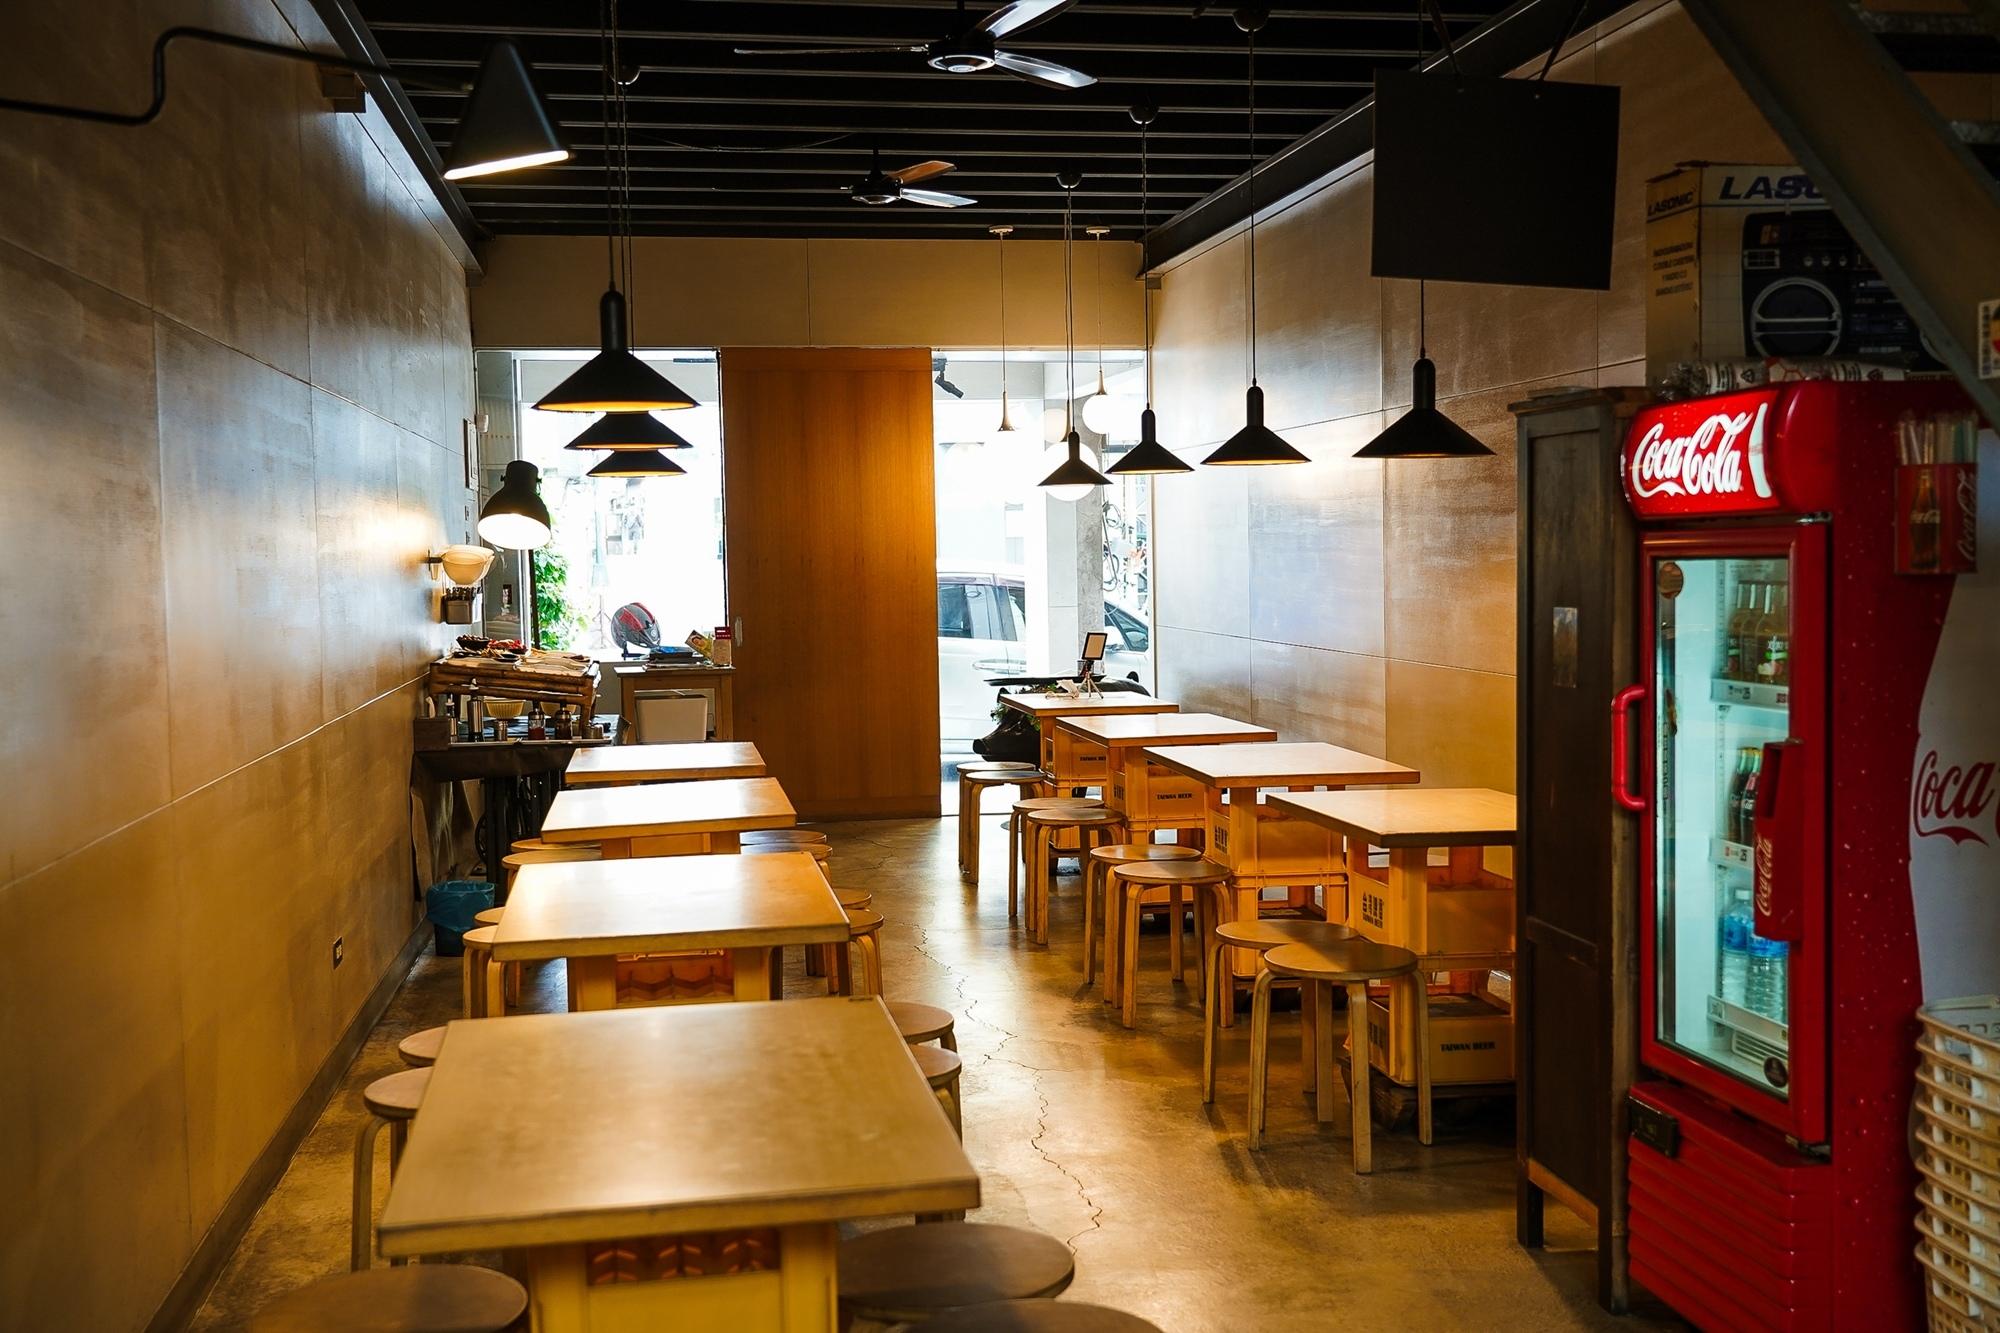 台南中西區美食 東城麵家 結合hiphop與街頭文化的潮流麵店6.jpg